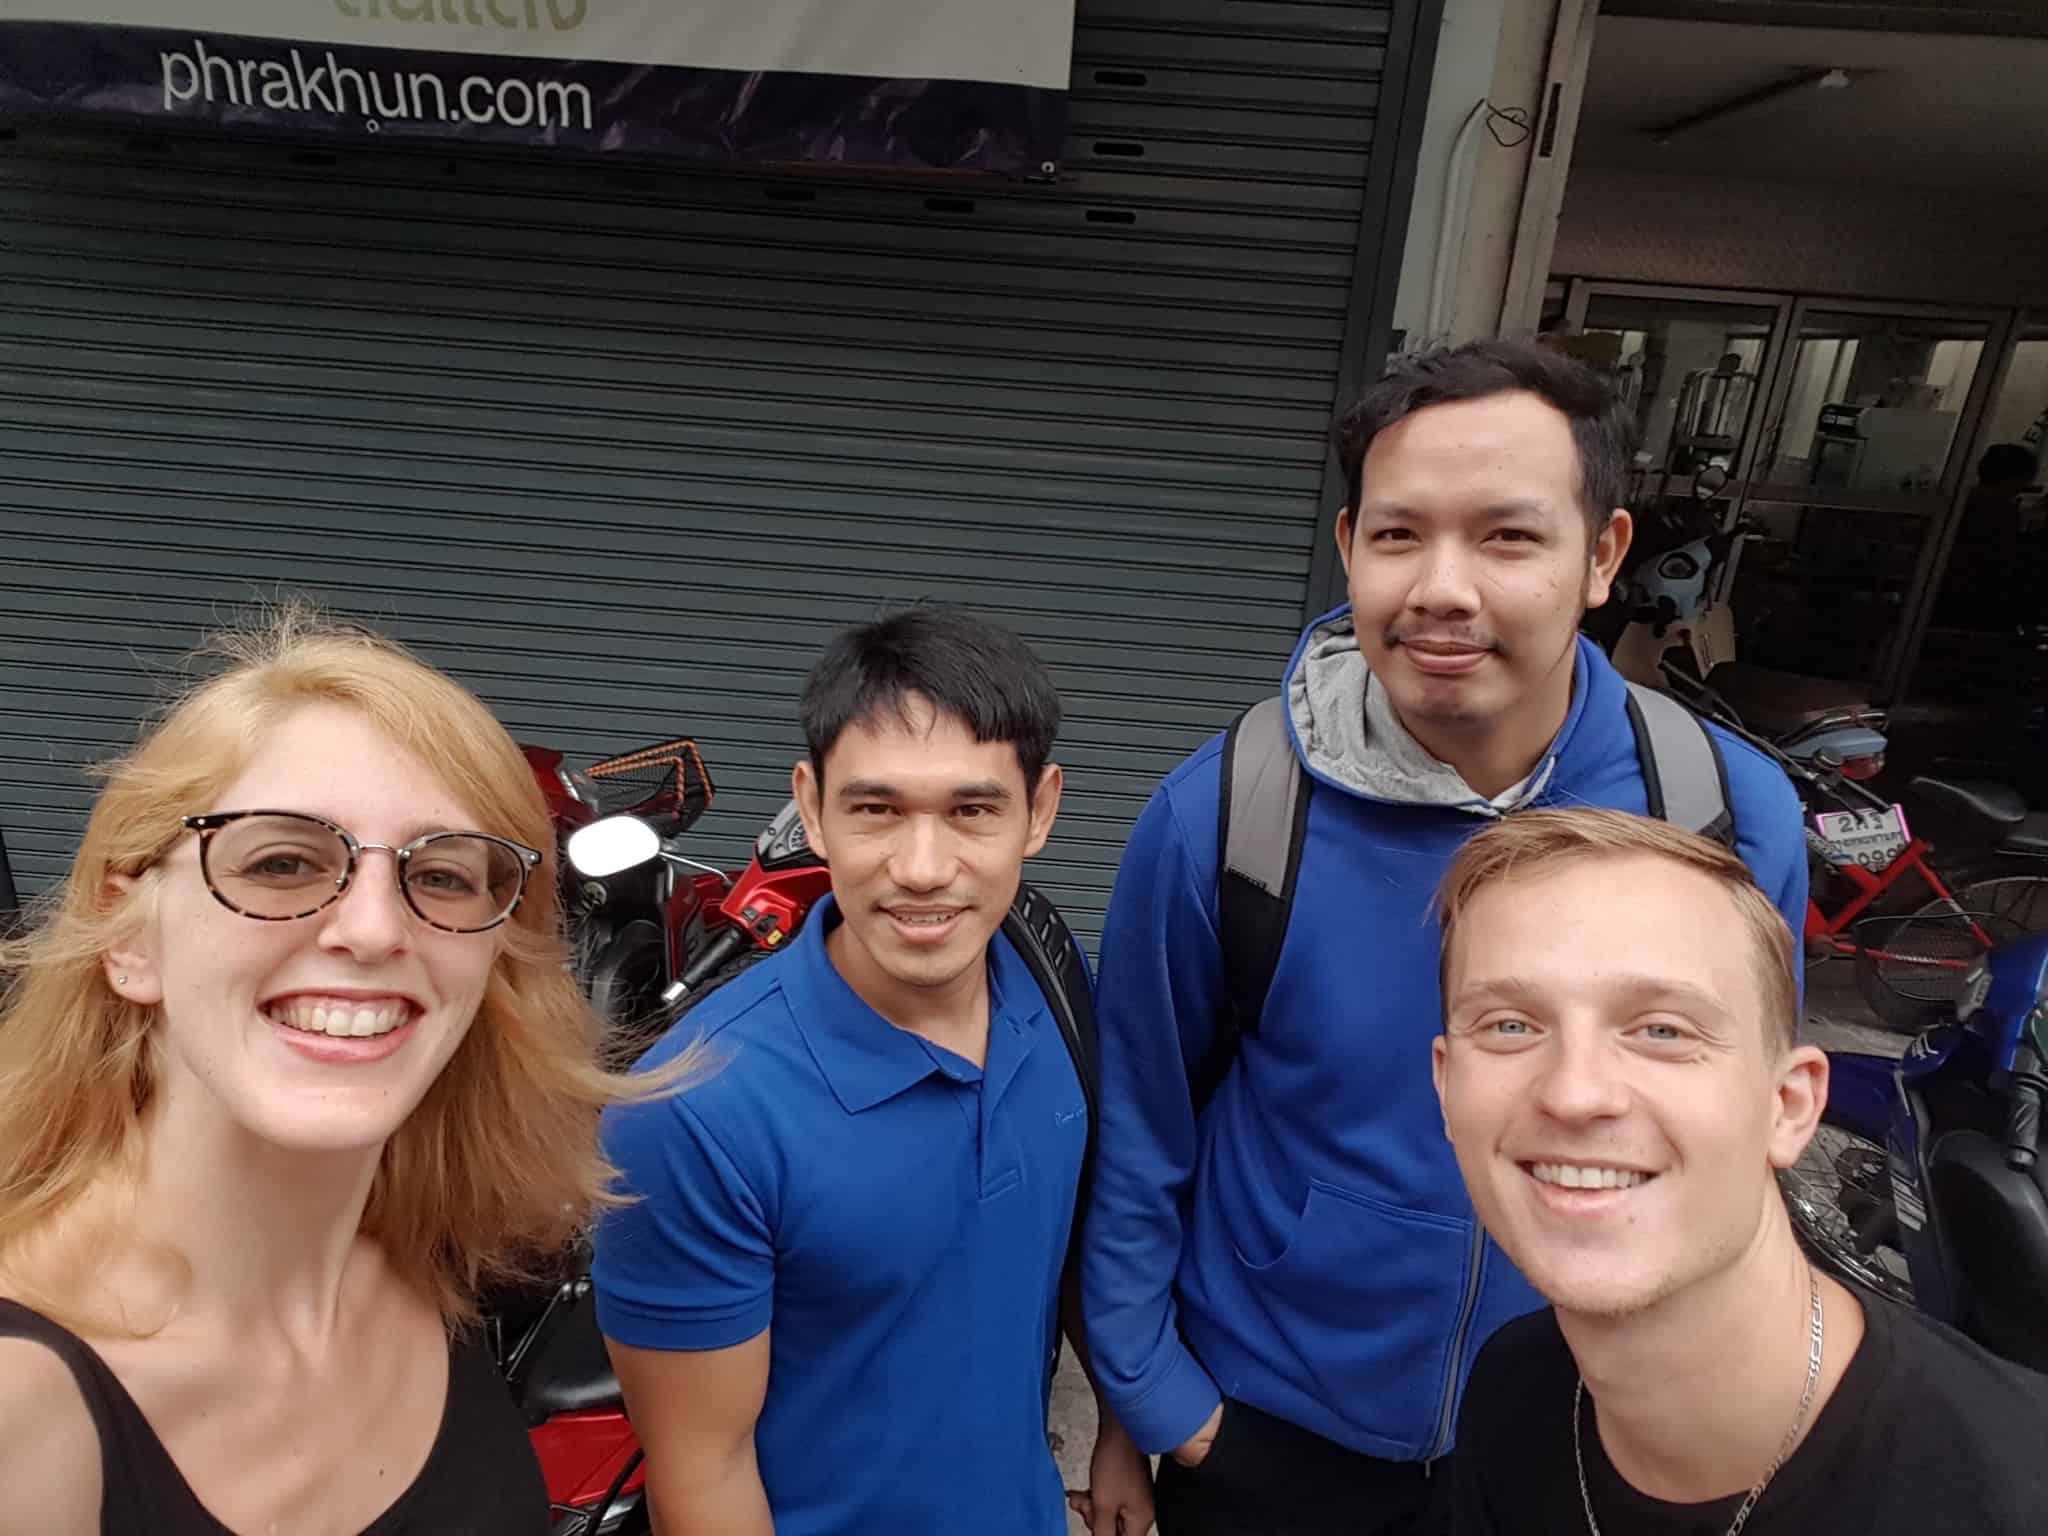 Thaïlande, bilan de ces 2 mois à sillonner les routes à moto 🧡 10